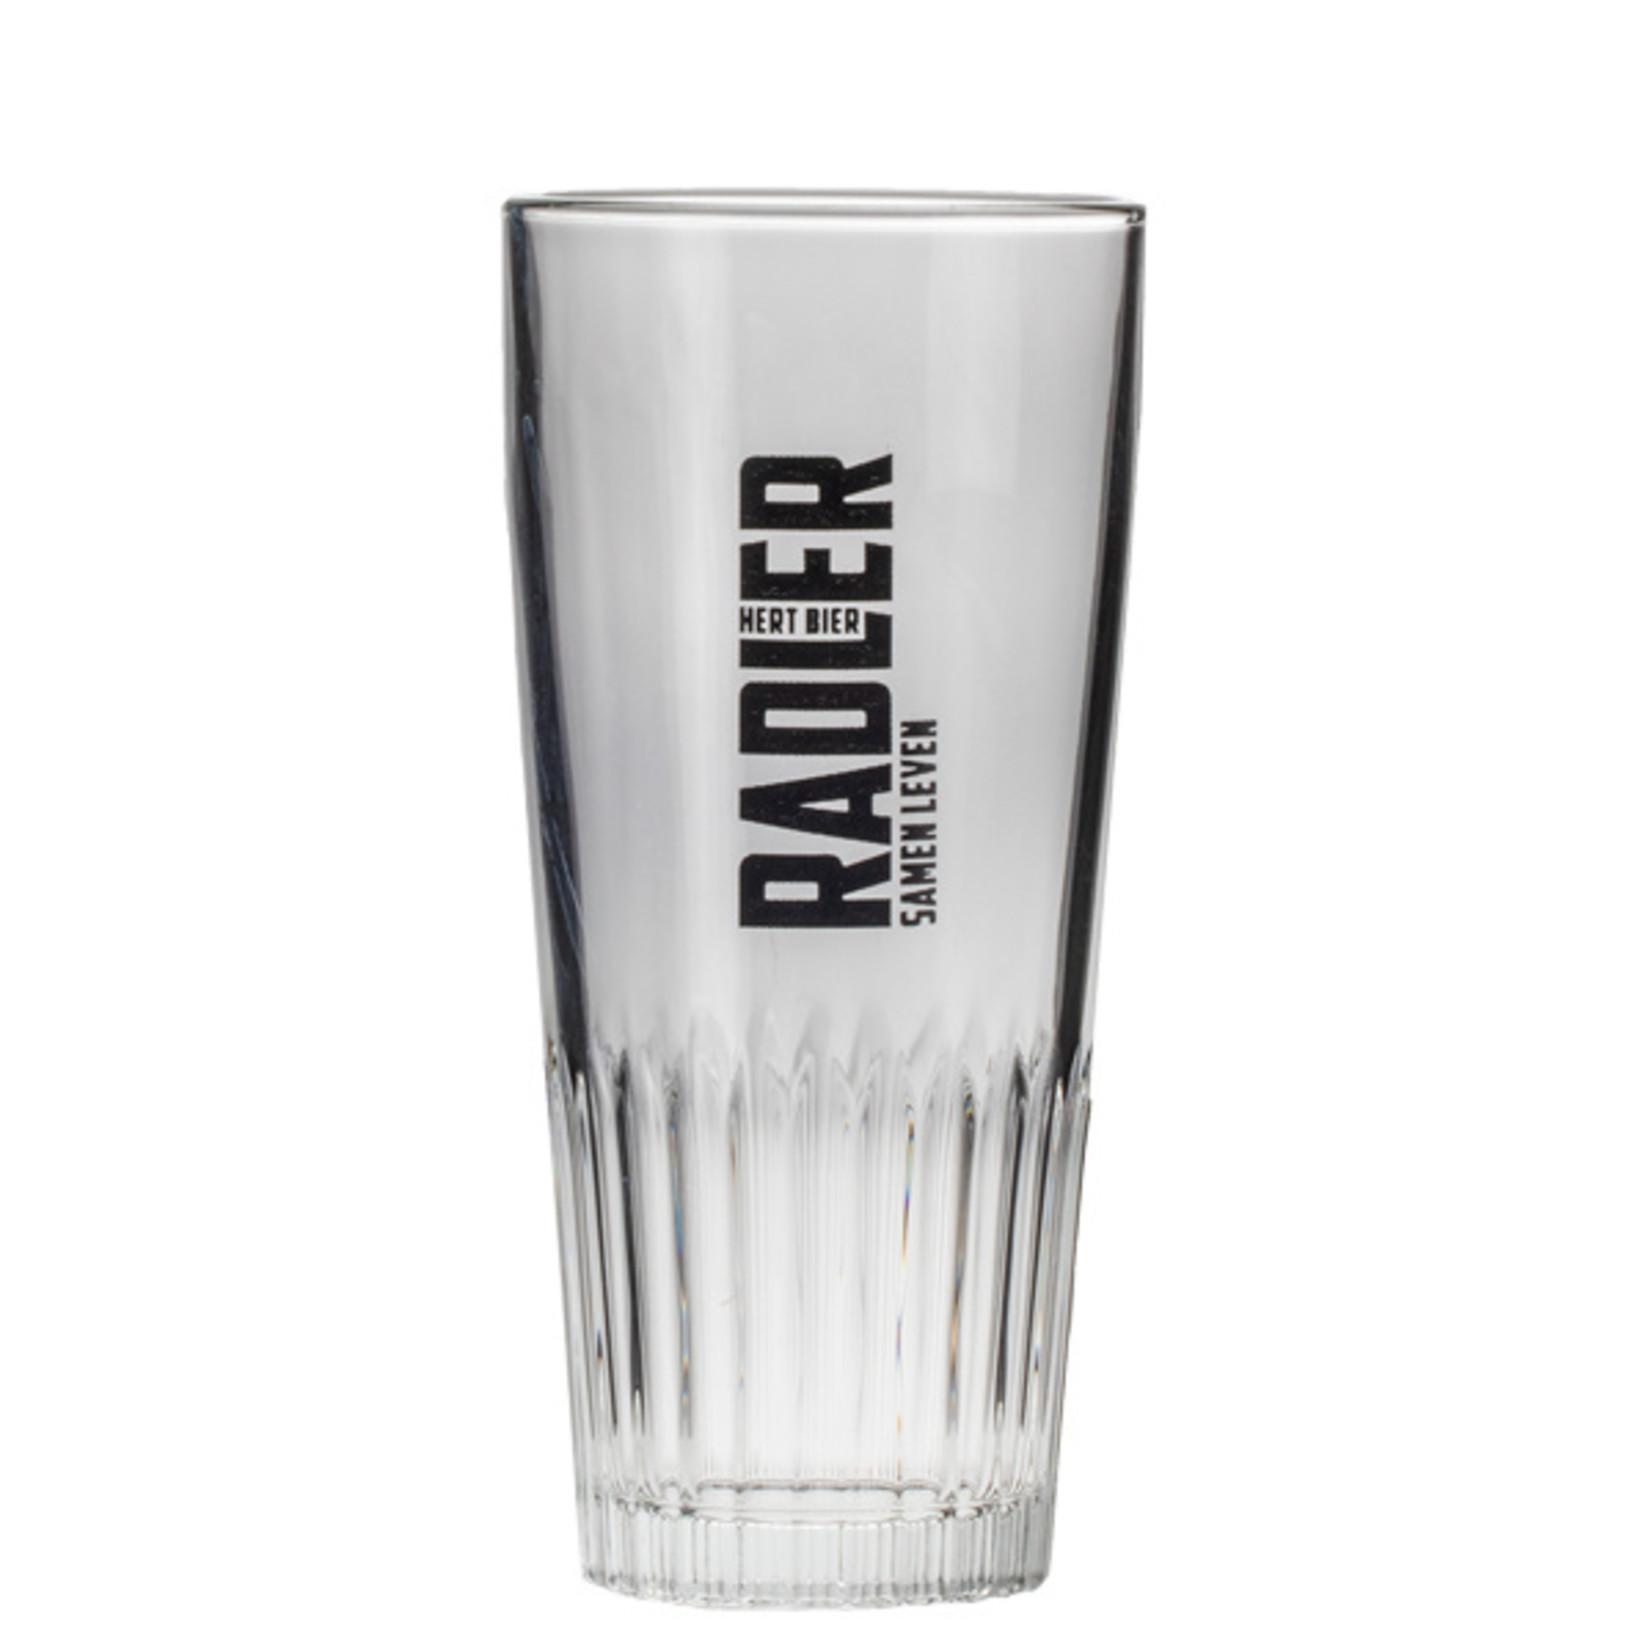 Hert Bier Hert Bier glazen (set van 6 stuks)